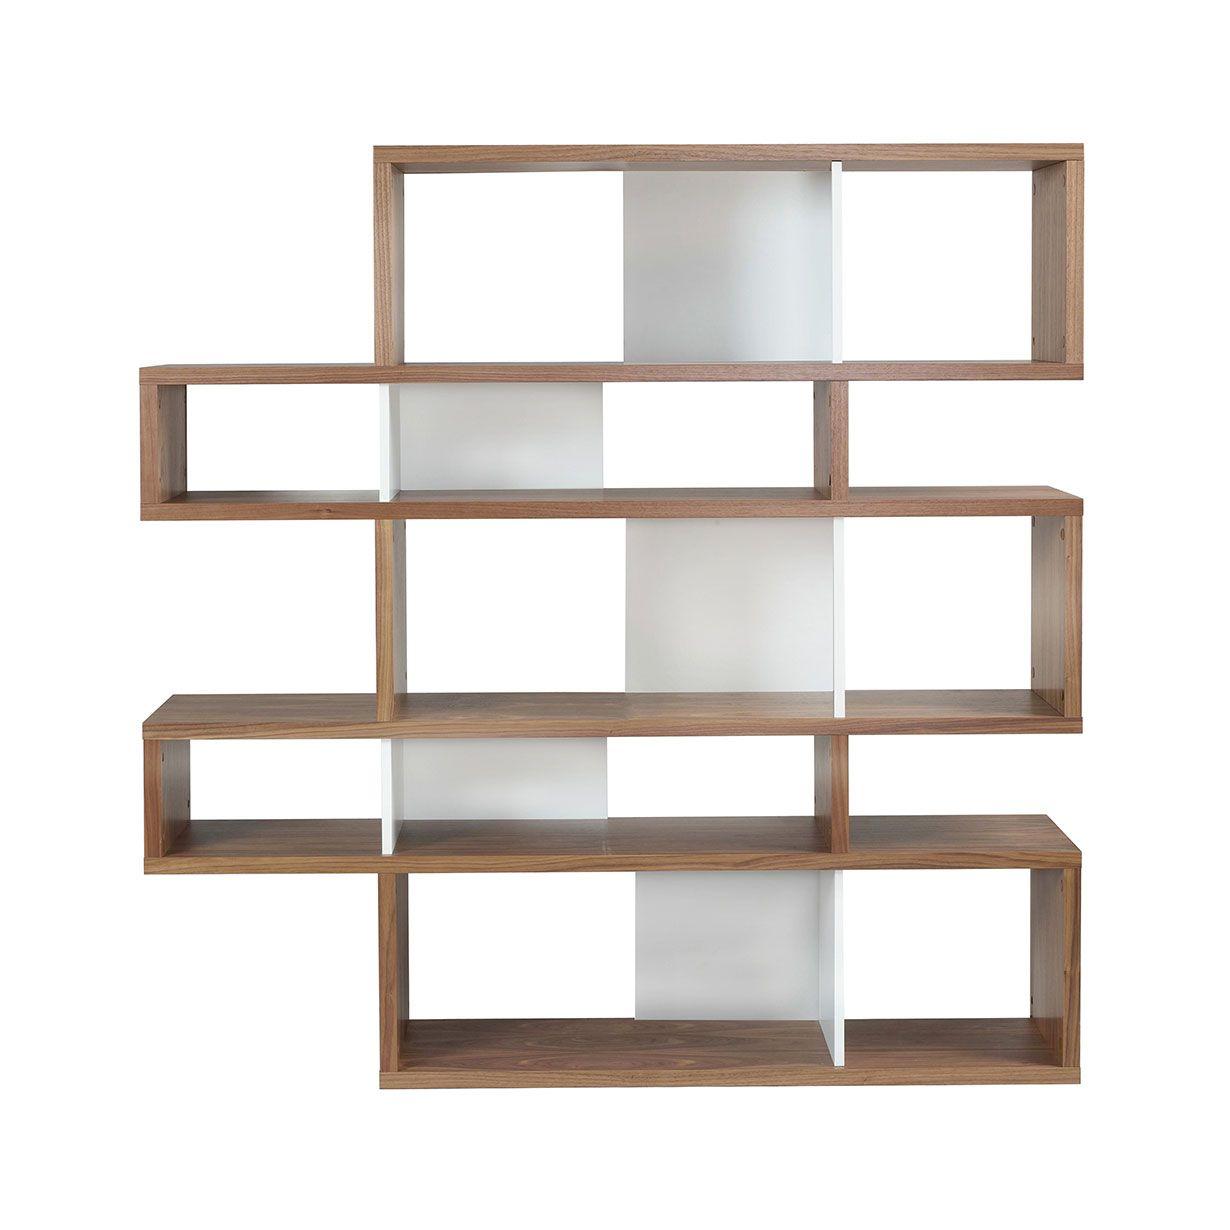 La estantería modular London es una solución carismática y funcional ...